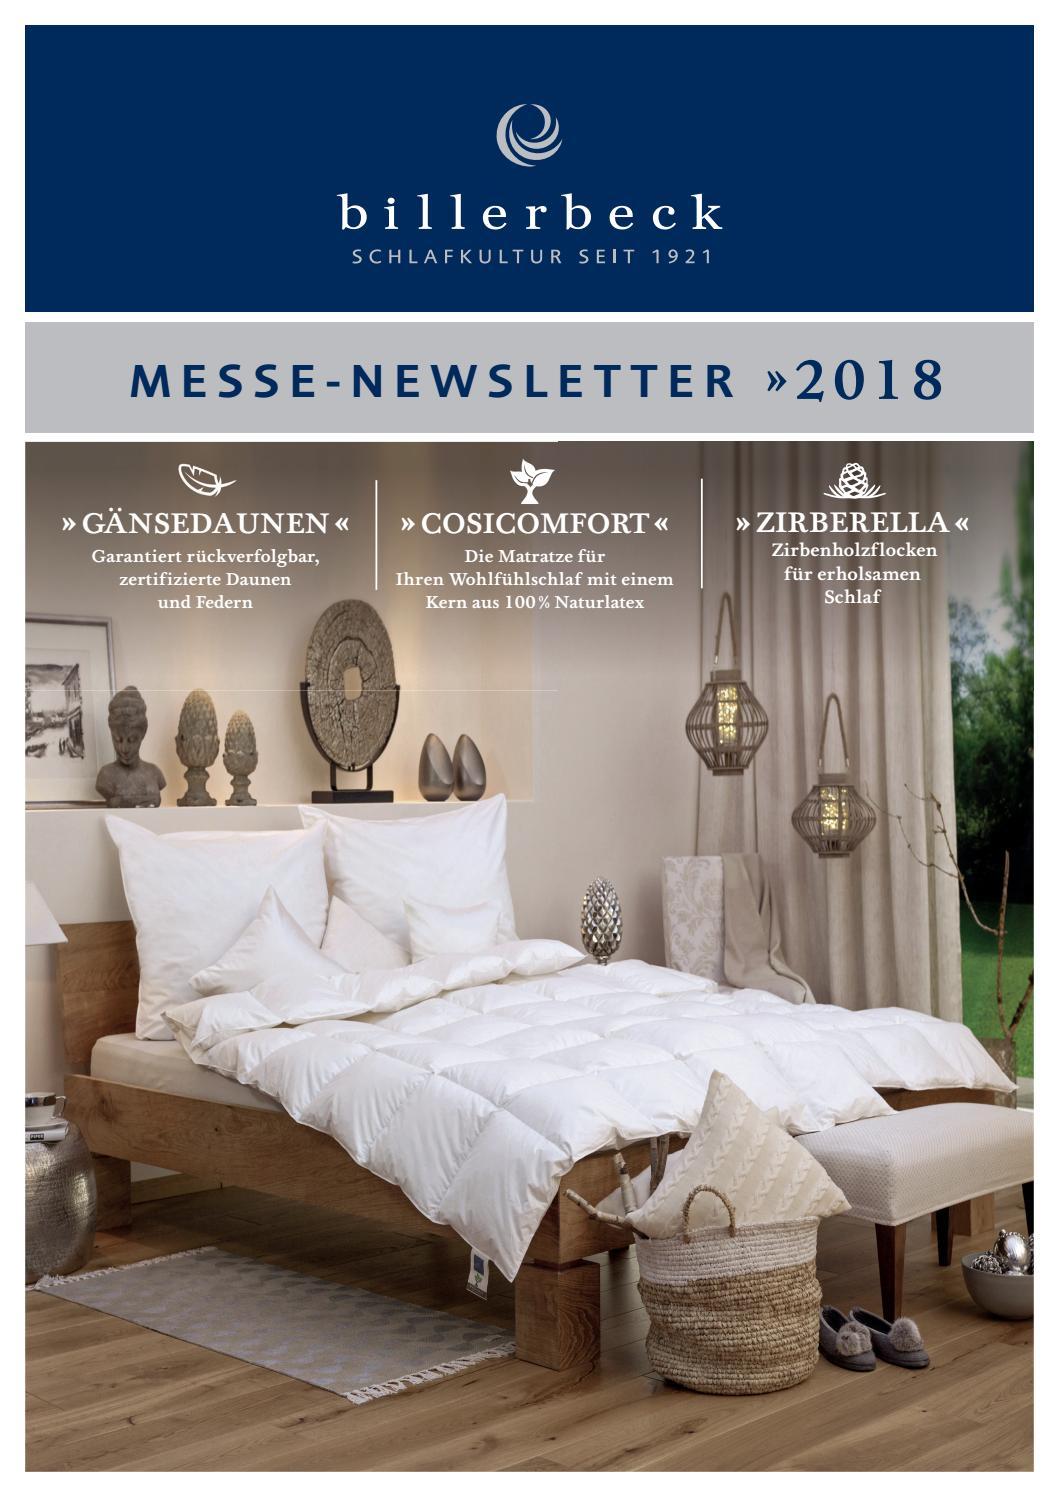 billerbeck bettdecken waschen schlafzimmer barcelona originelle bettw sche set heinsberg welche. Black Bedroom Furniture Sets. Home Design Ideas